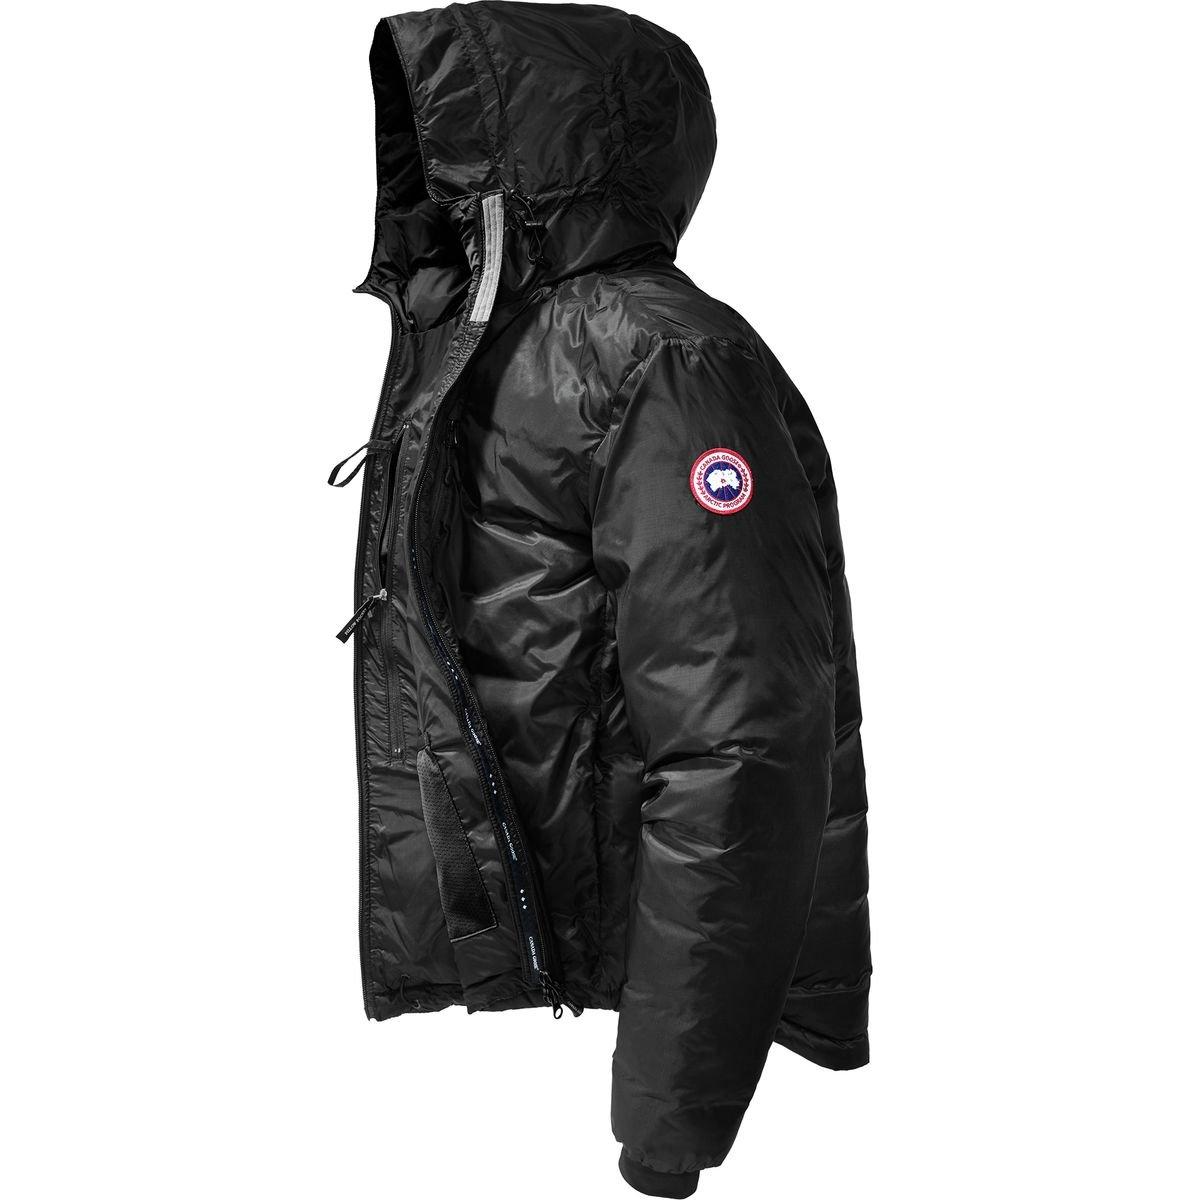 (カナダグース)Canada Goose Lodge Down Hooded Jacket メンズ ジャケットBlack/Black [並行輸入品] B077N68KBM 日本サイズ L (US M)|Black/Black Black/Black 日本サイズ L (US M)